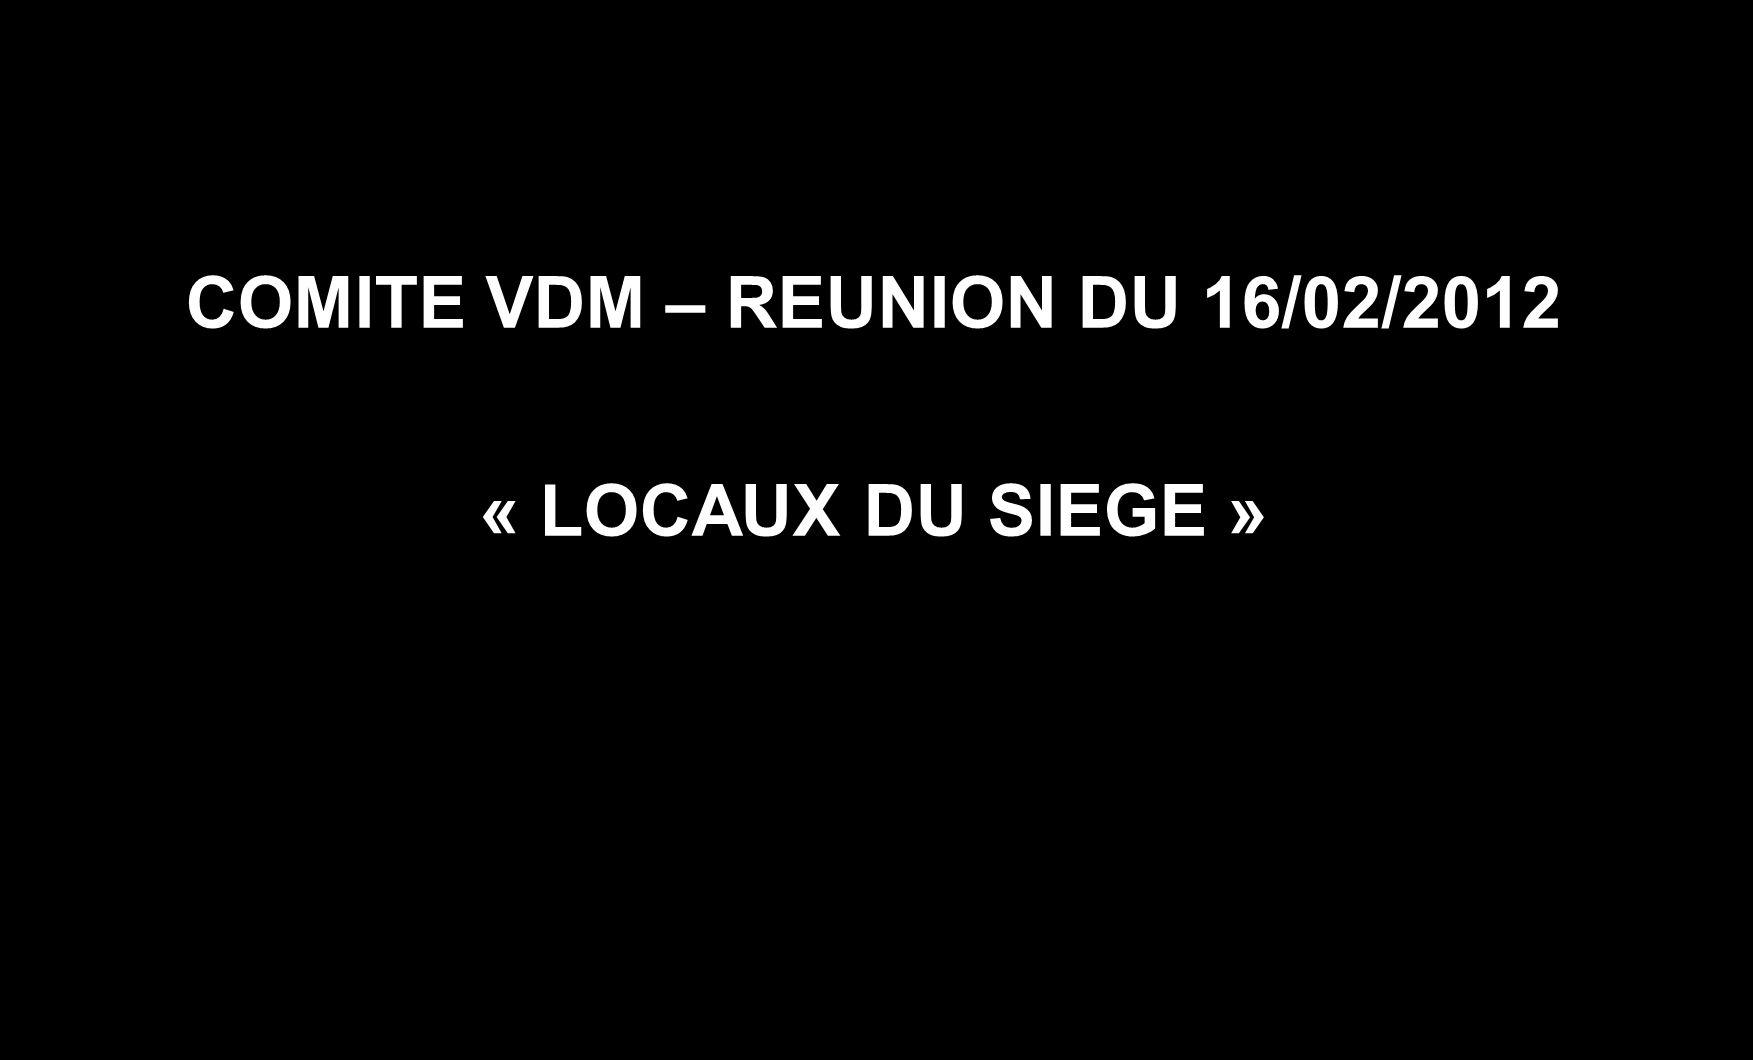 COMITE VDM – REUNION DU 16/02/2012 « LOCAUX DU SIEGE »